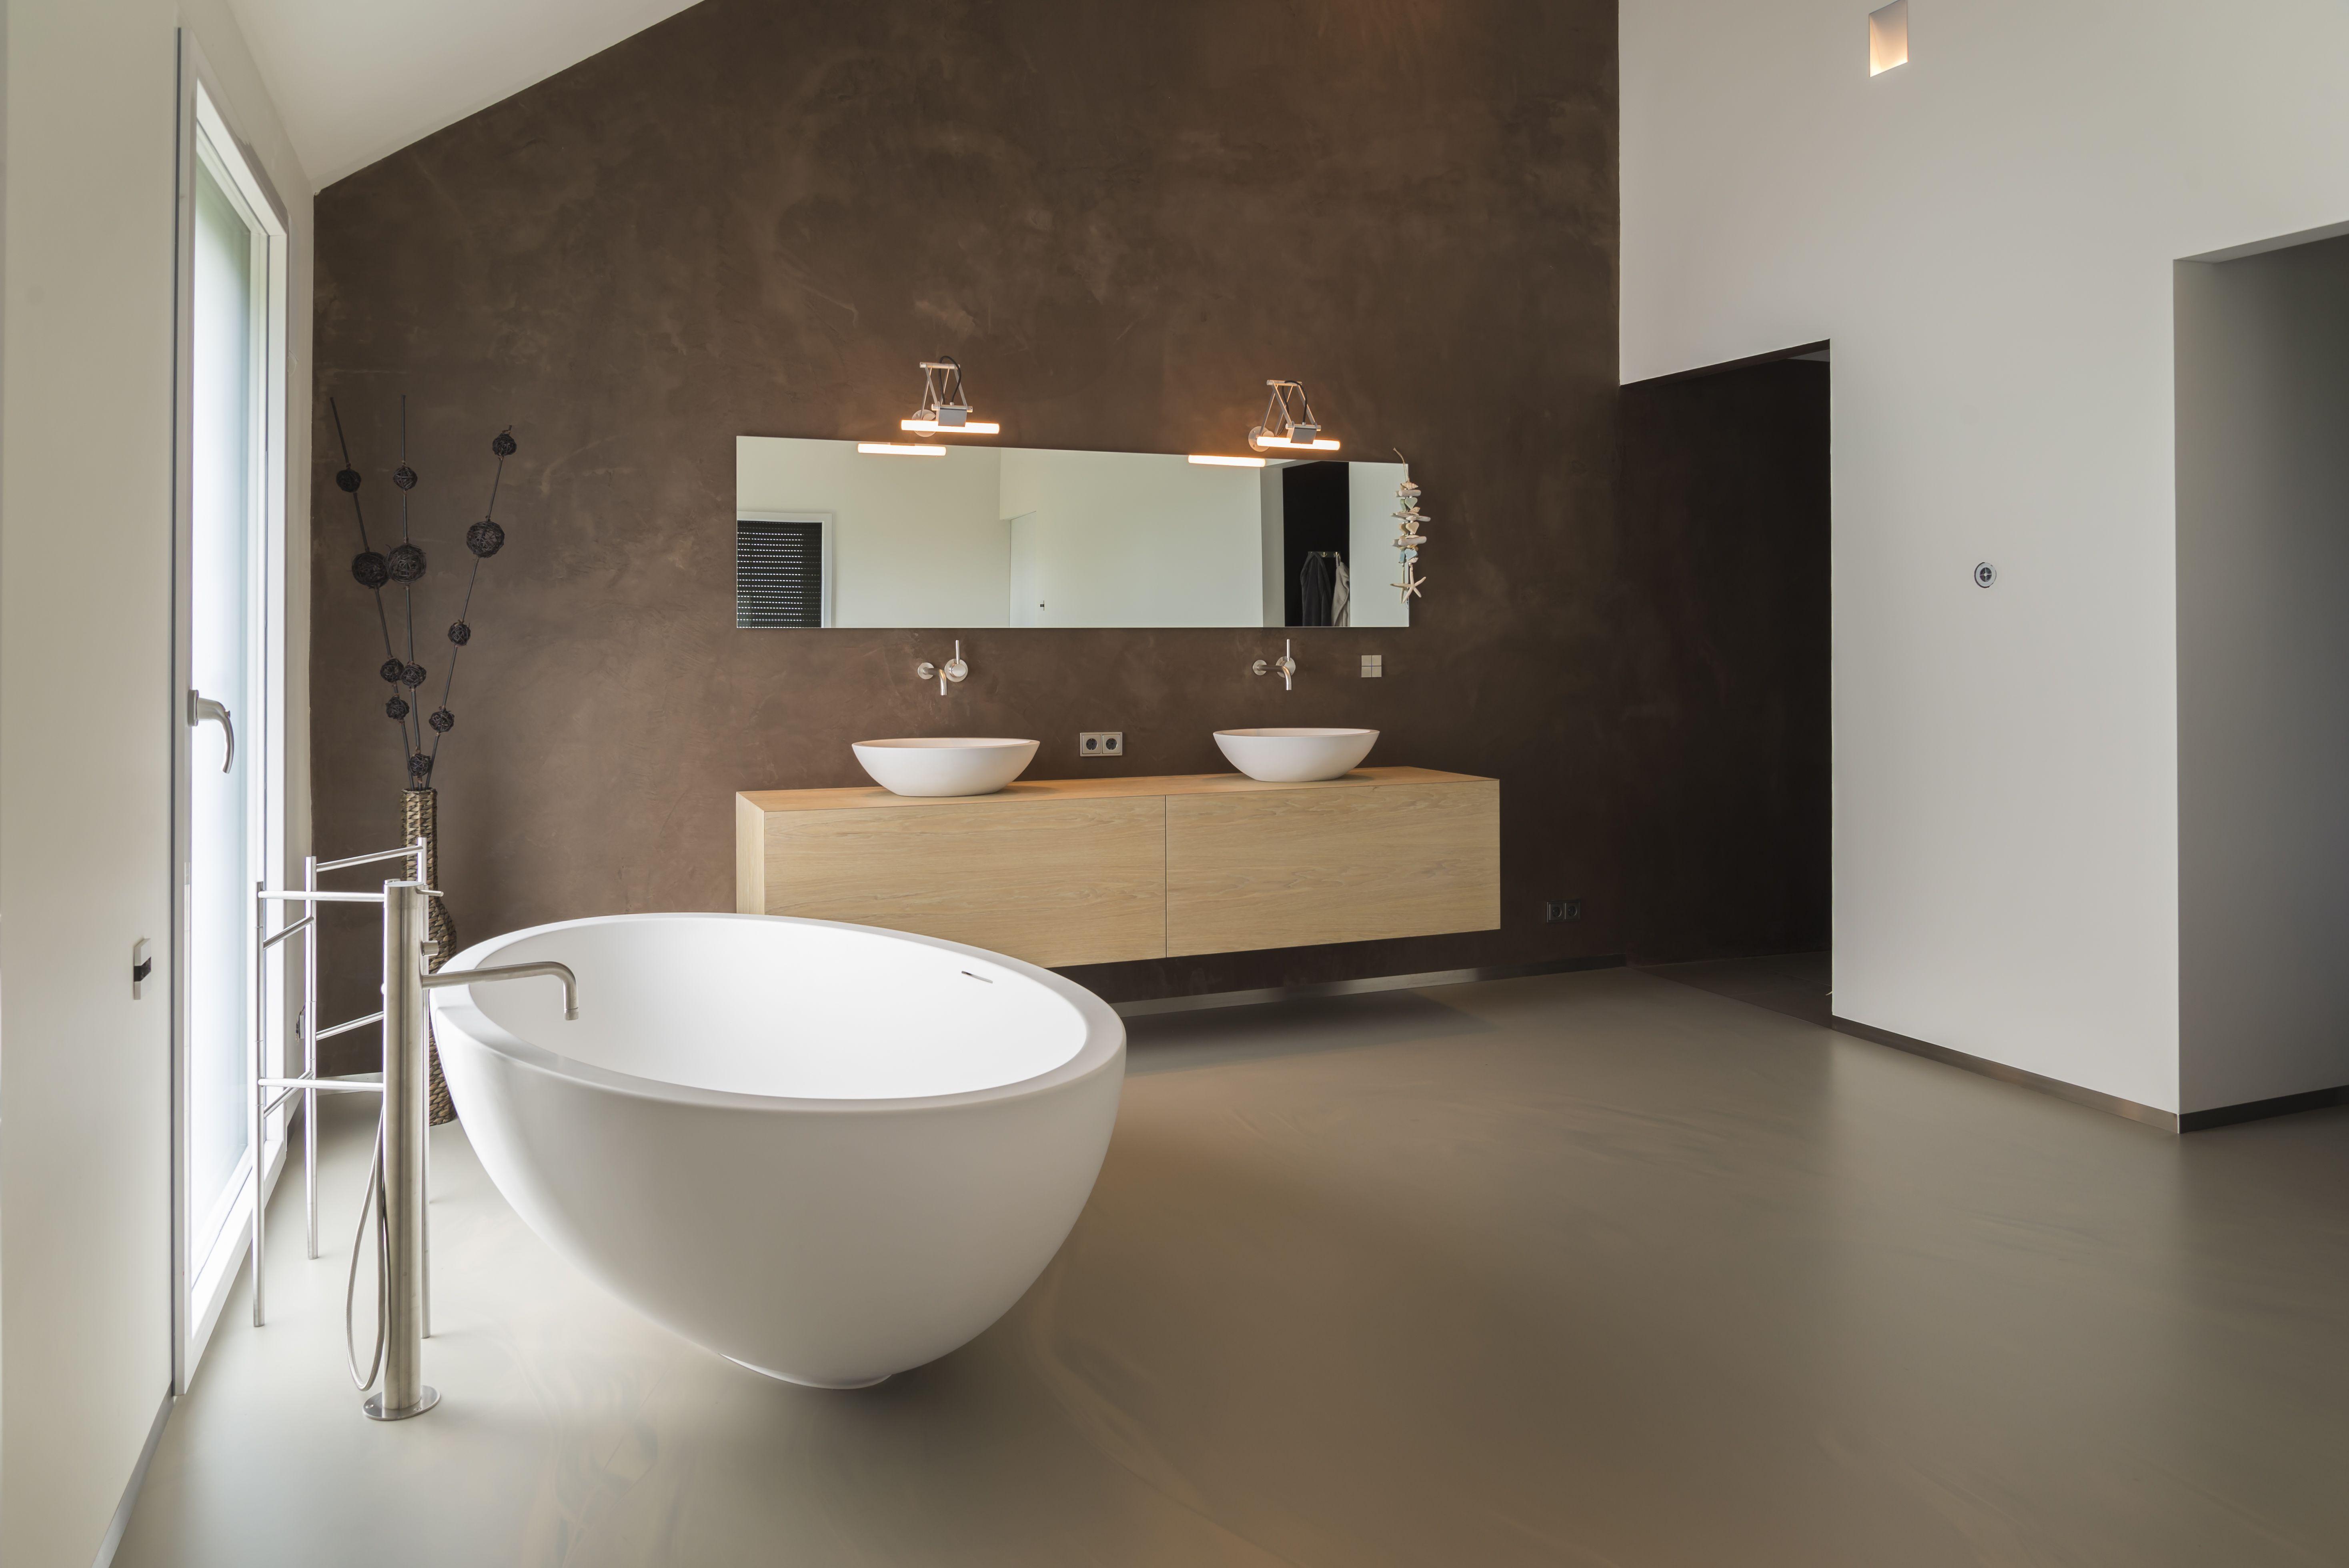 badkamer hindeloopen lautenbag architecten taol badkamers